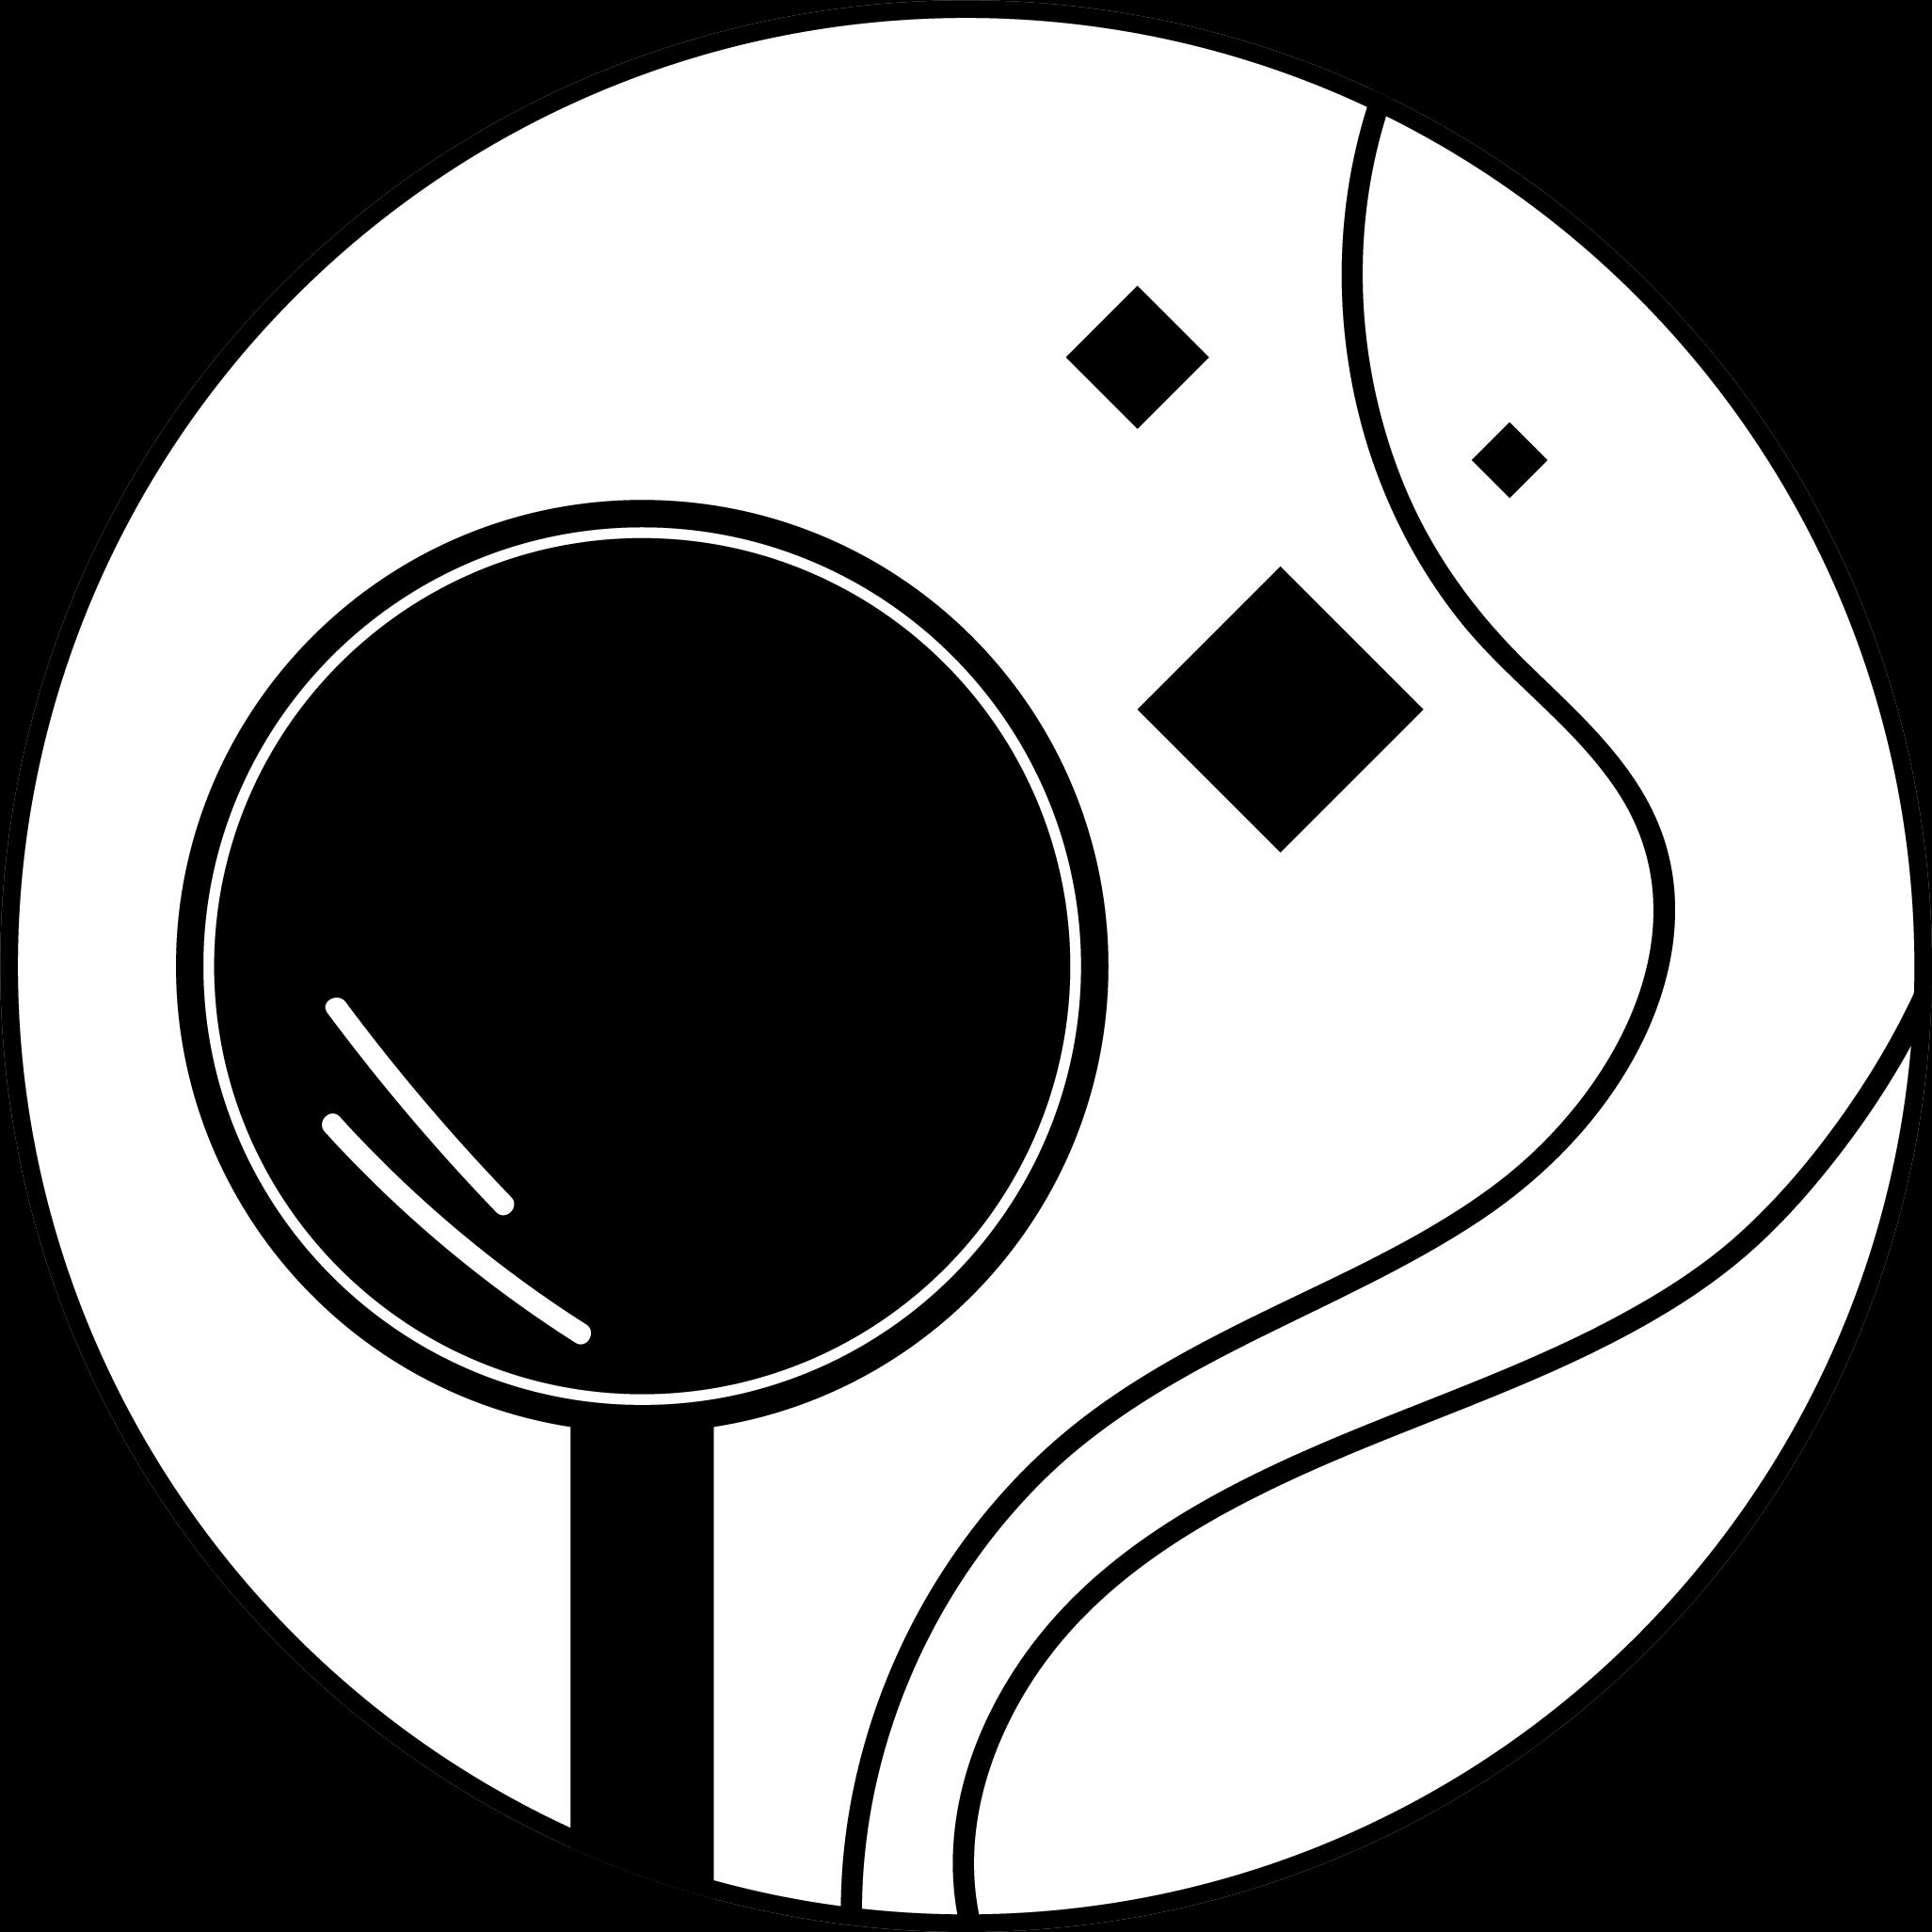 Analisi-percorso-progettazione-identità-visiva-by-Laura-Calascibetta-graphic-designer